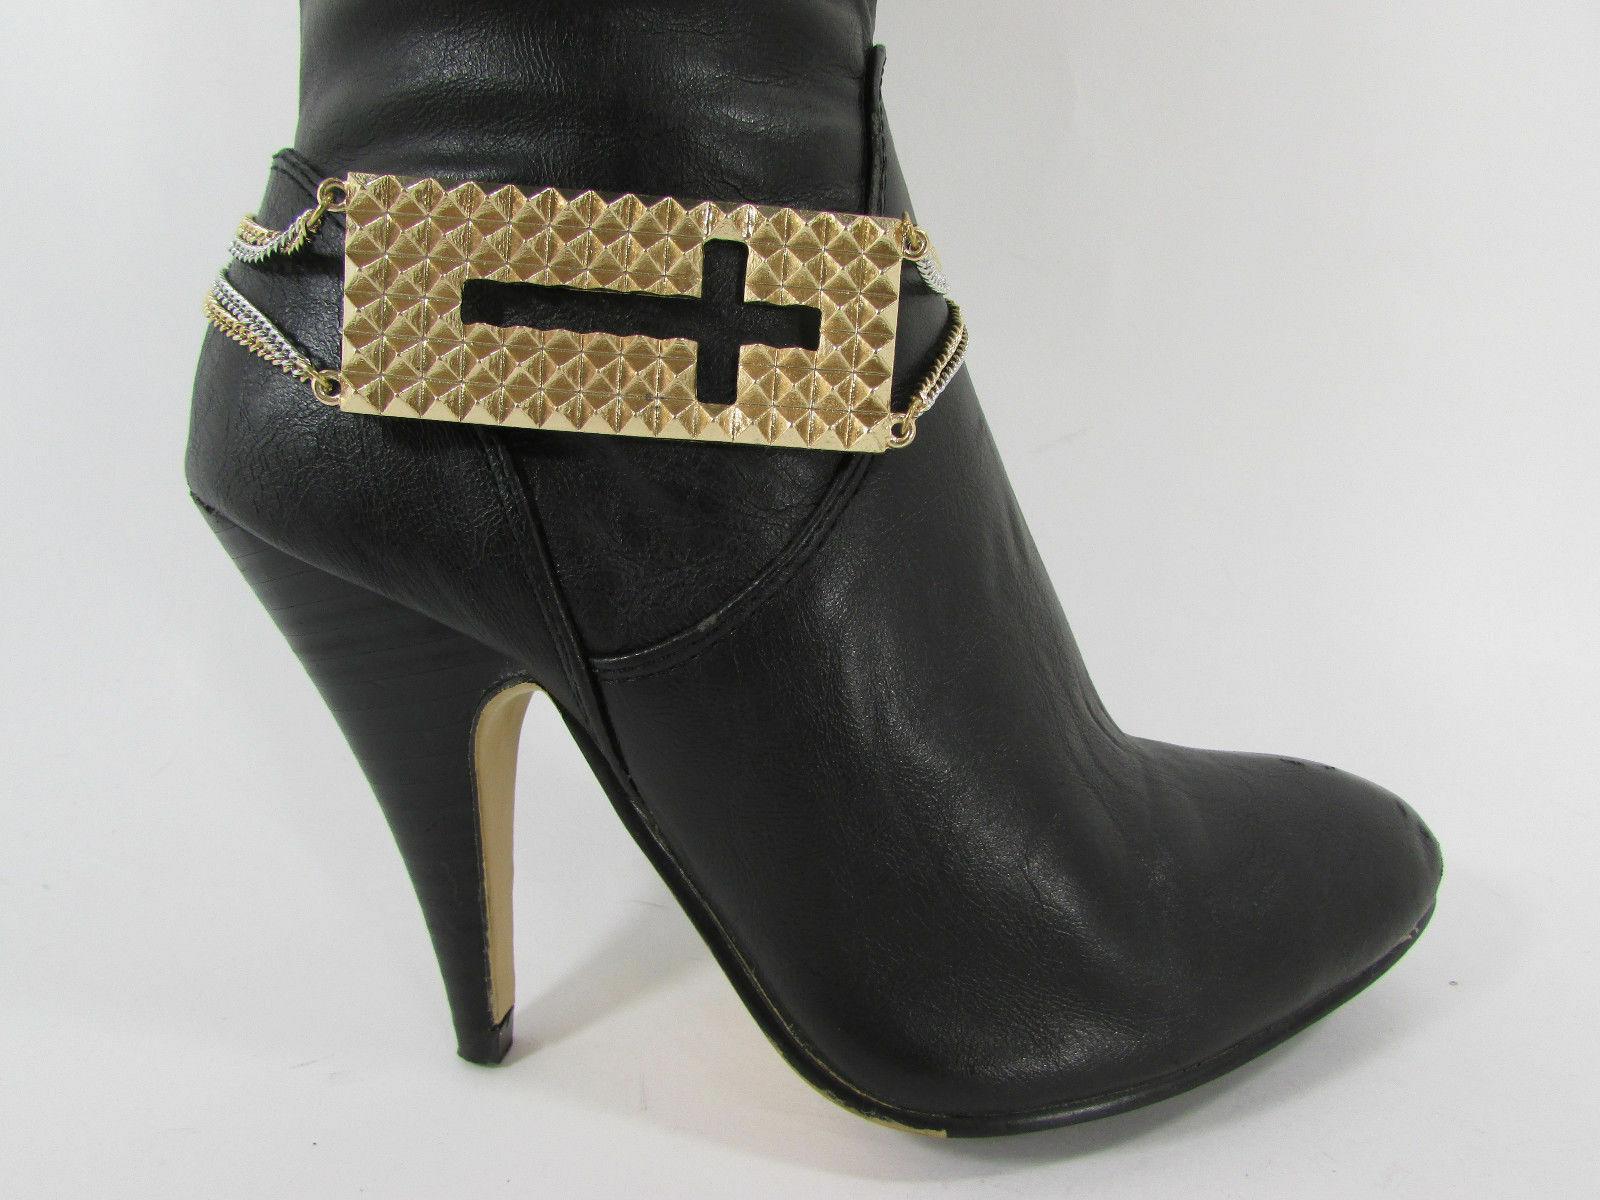 Femme Mode Bijoux Coffre Bracelet or Plaque Croix Chaînes Chaussure Bling